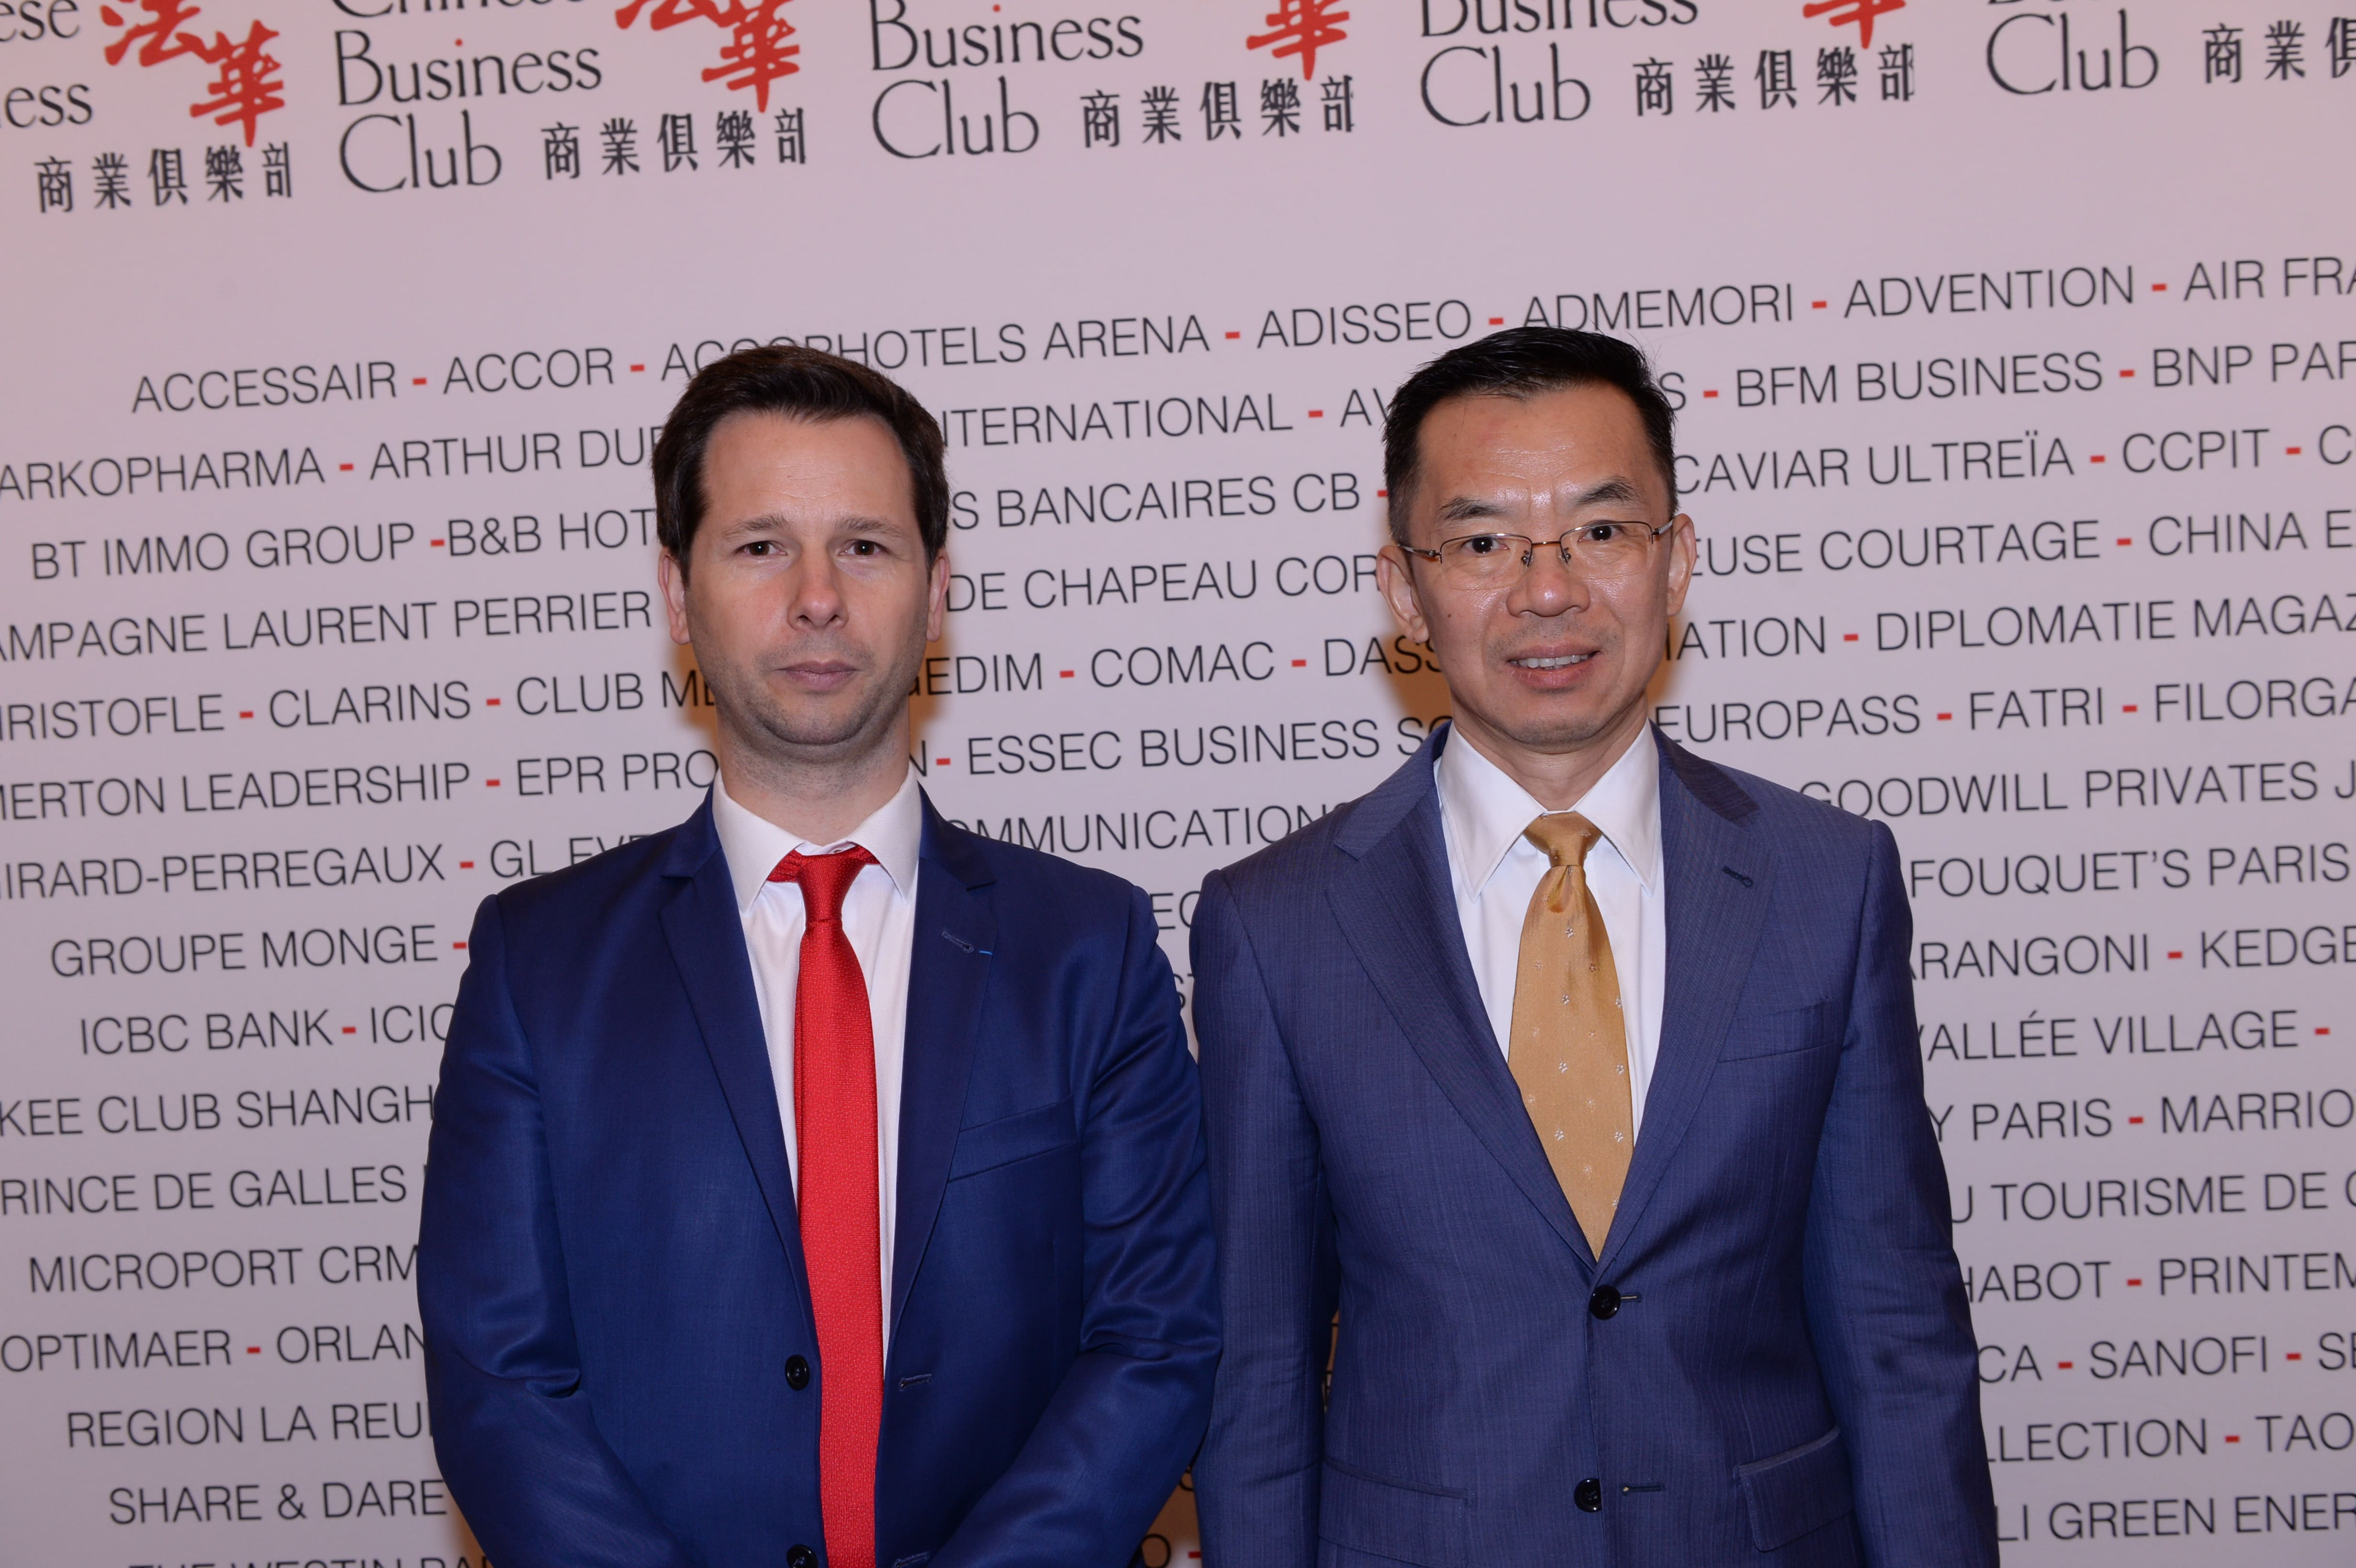 中华人民共和国驻法兰西共和国大使卢沙野阁下